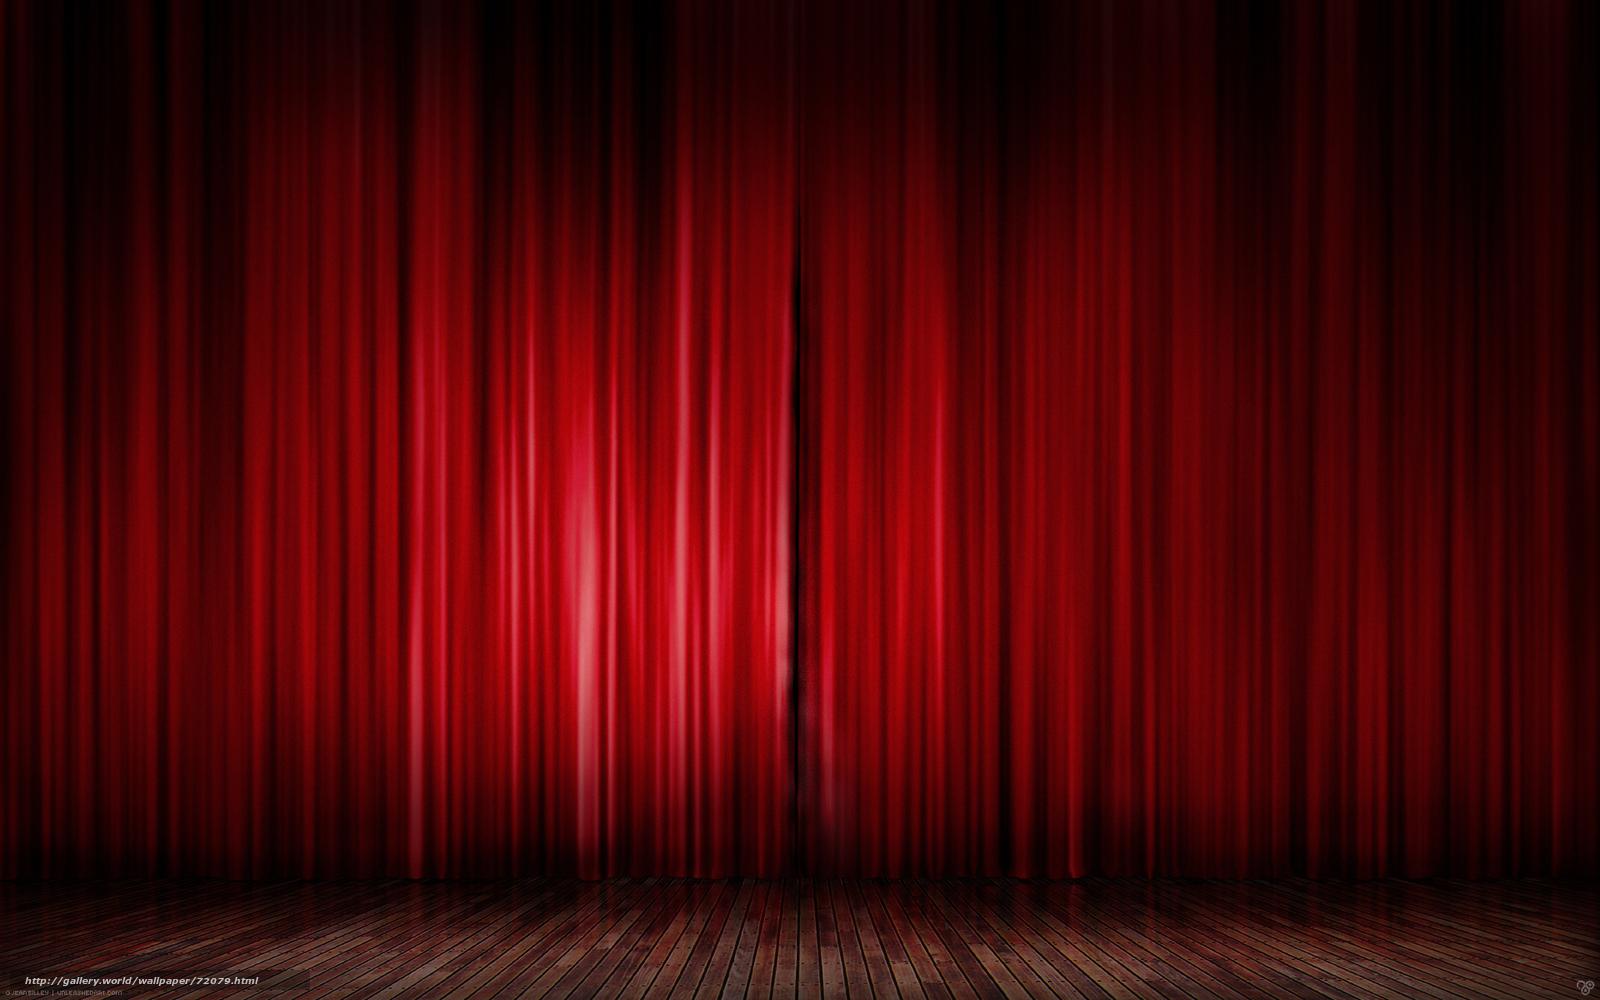 Tlcharger fond d 39 ecran rouge rideaux scne textures for Foto fond ecran